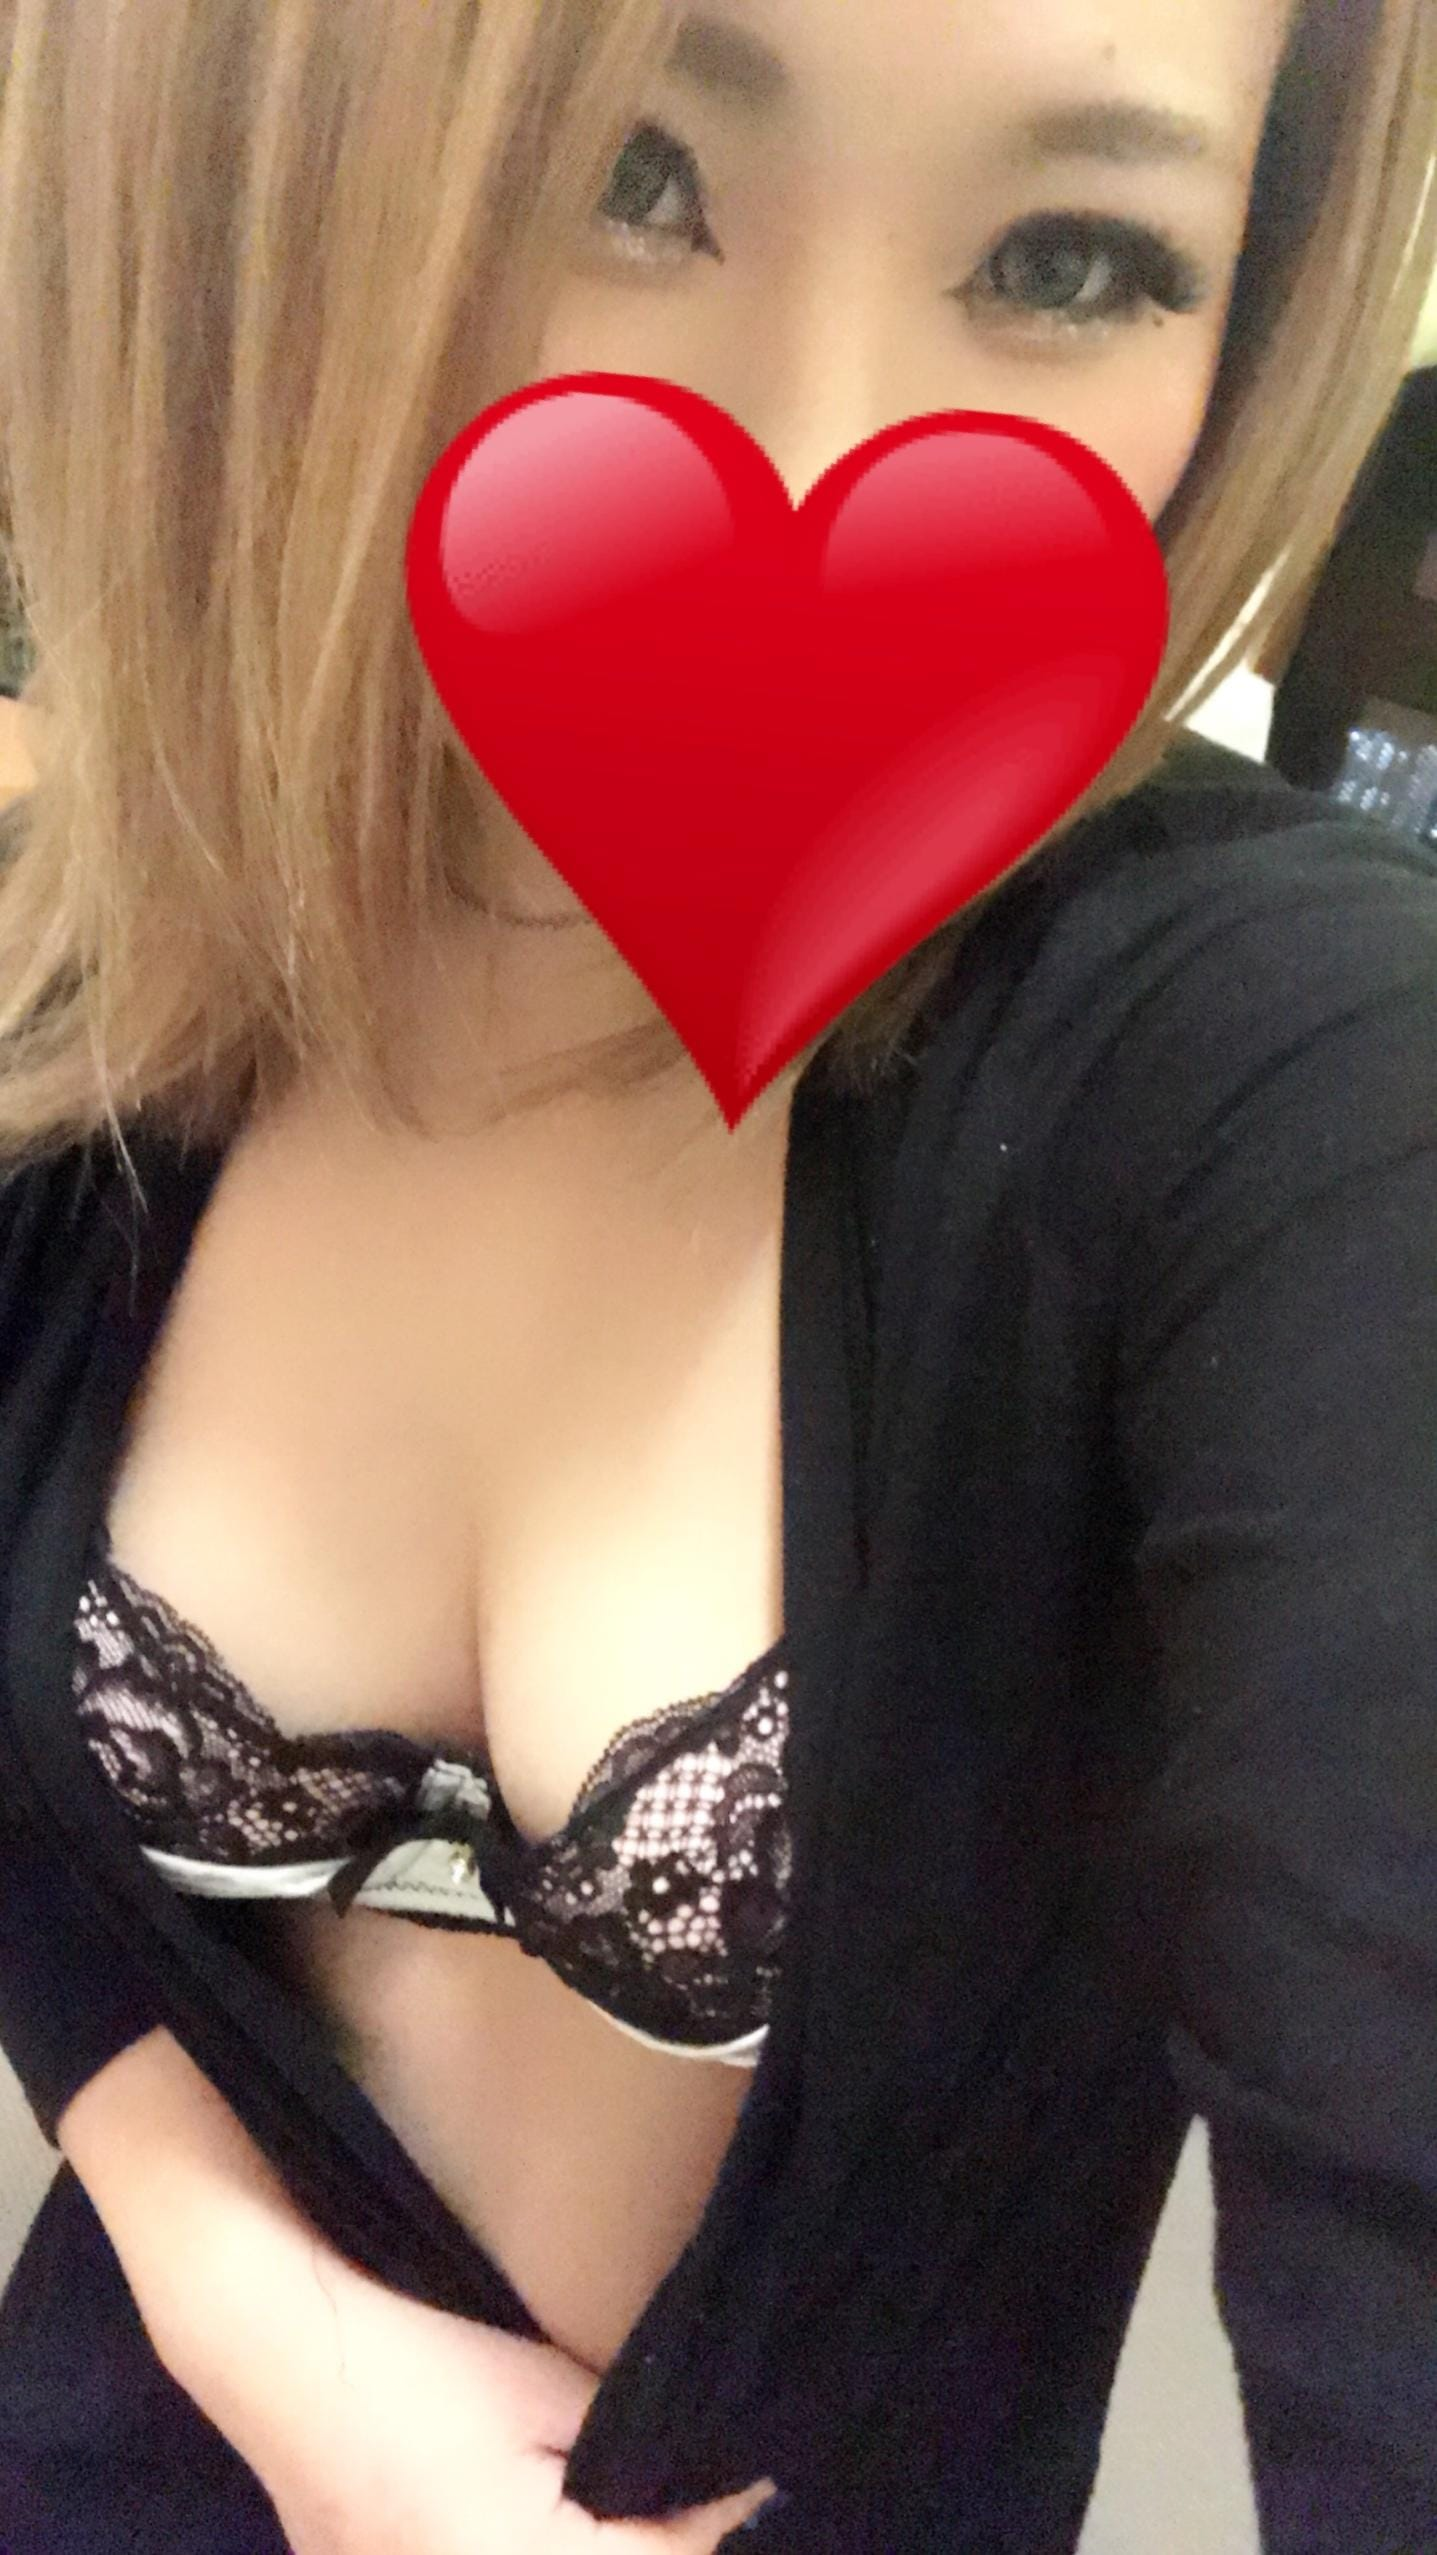 「お礼(^^)」07/28(07/28) 02:09   たまきの写メ・風俗動画